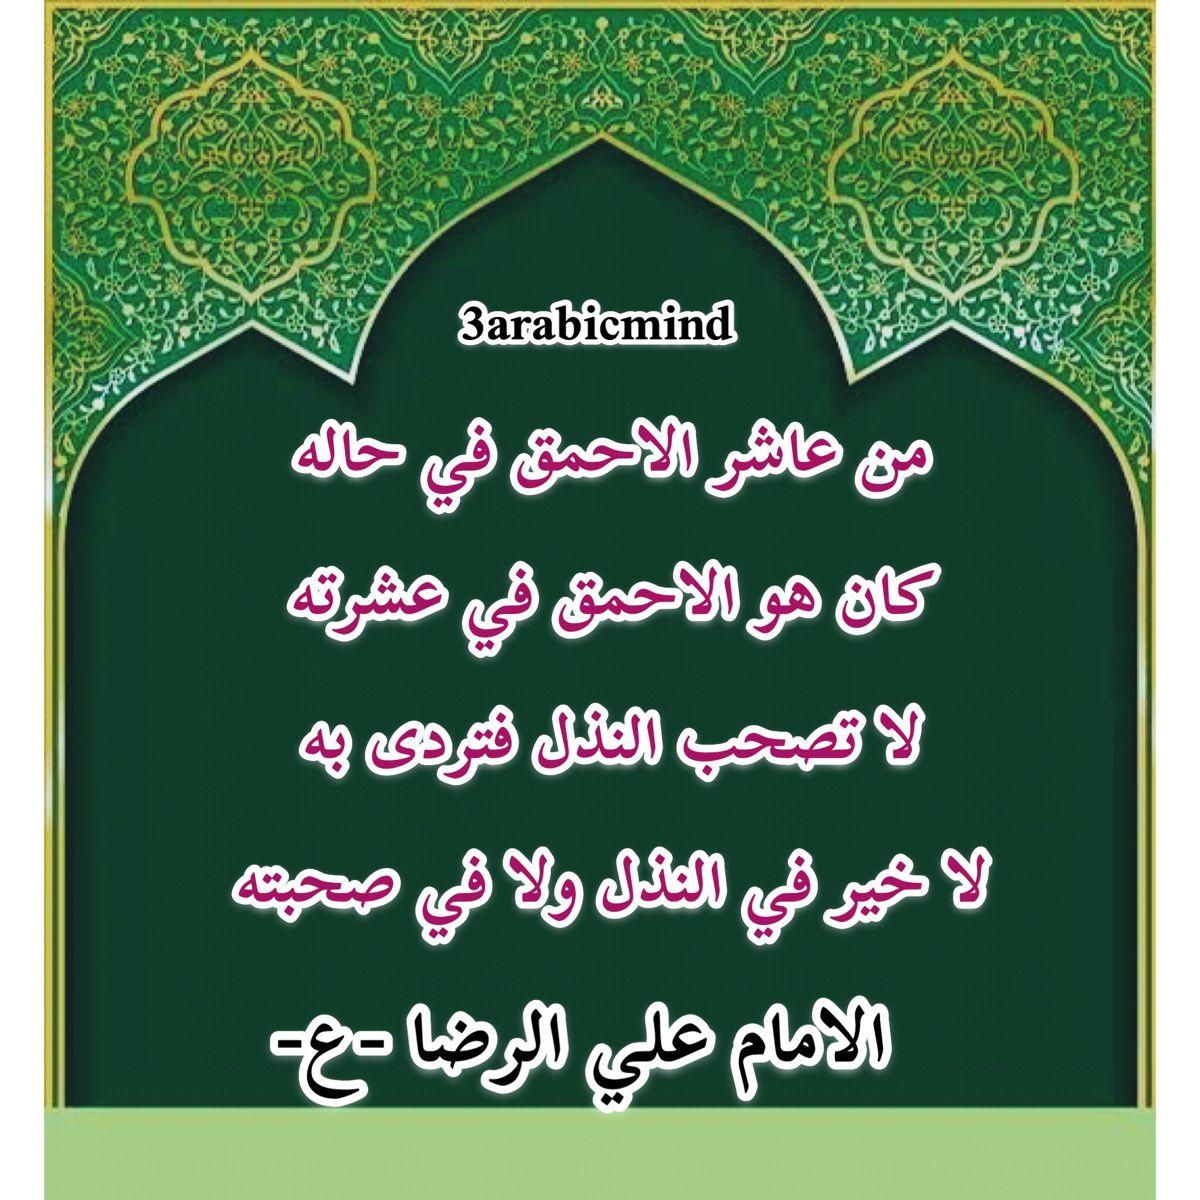 لا تعاشر الاحمق و الاغبياء Arabic Words Words Arabic Calligraphy